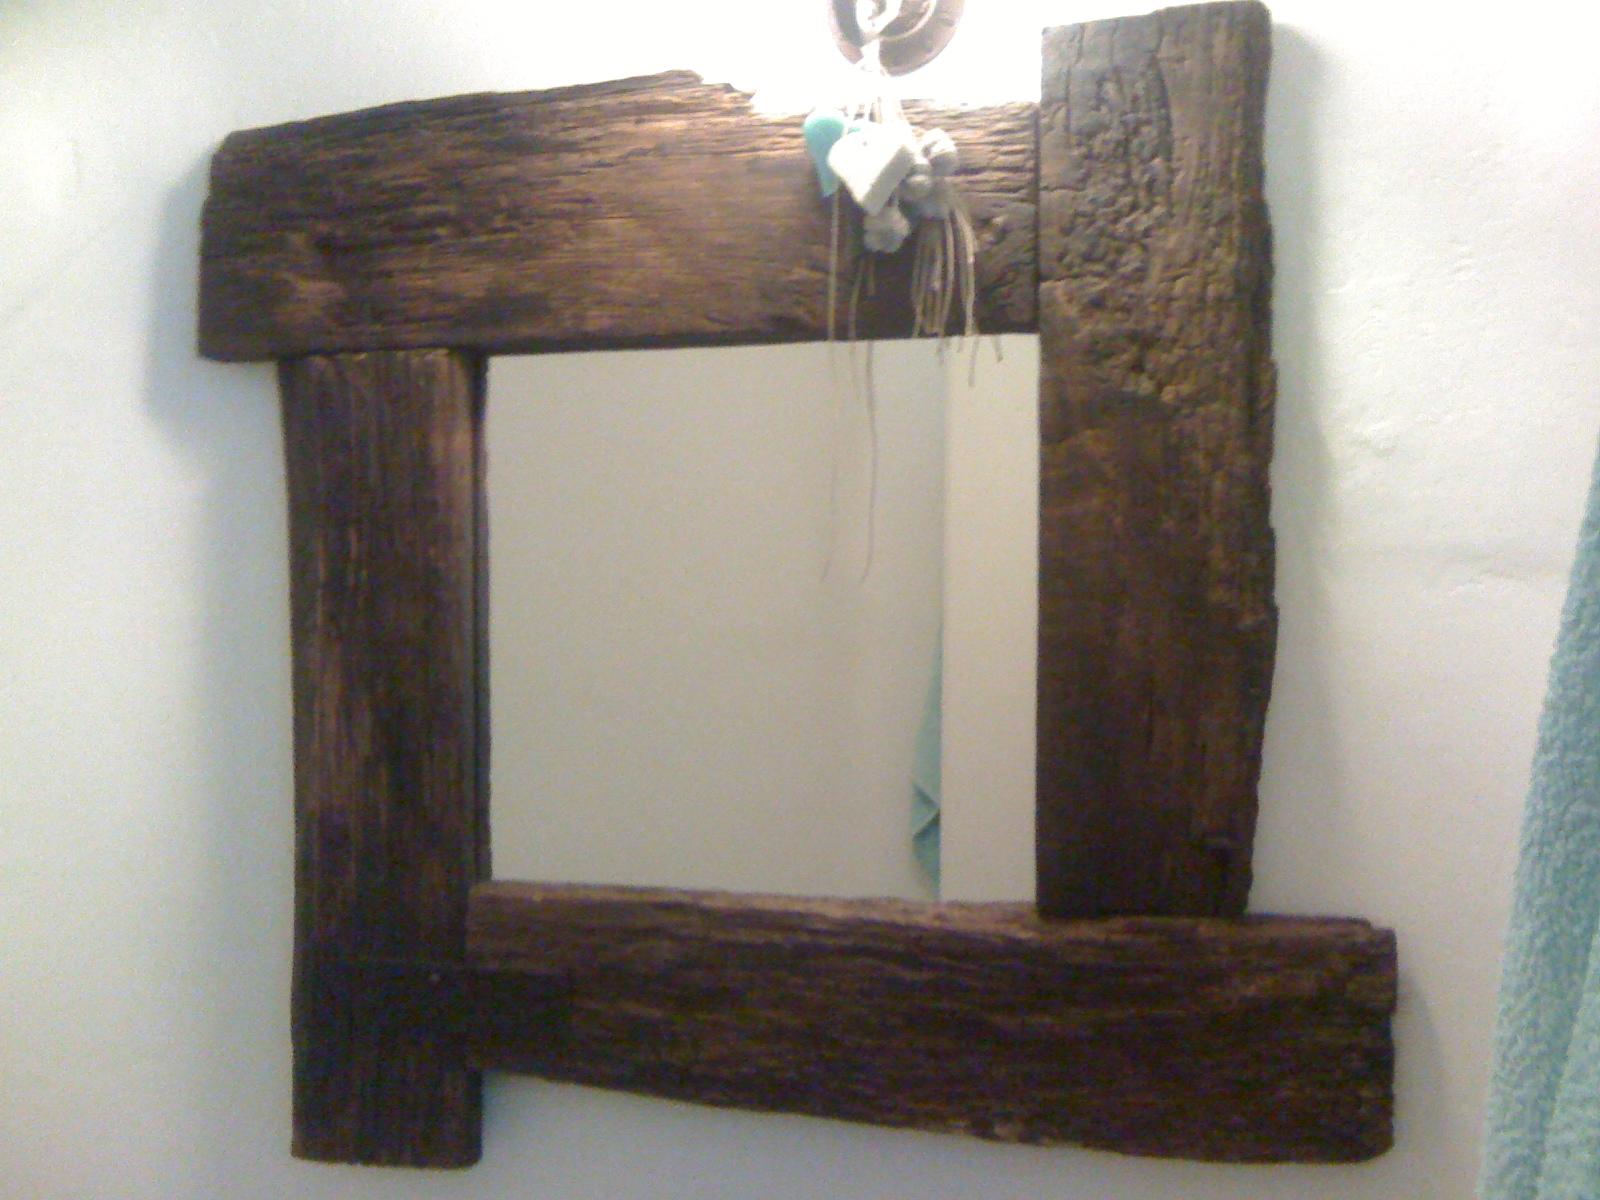 Mobili per case al mare e decorazione specchi di legno e - Mobili legno vecchio ...